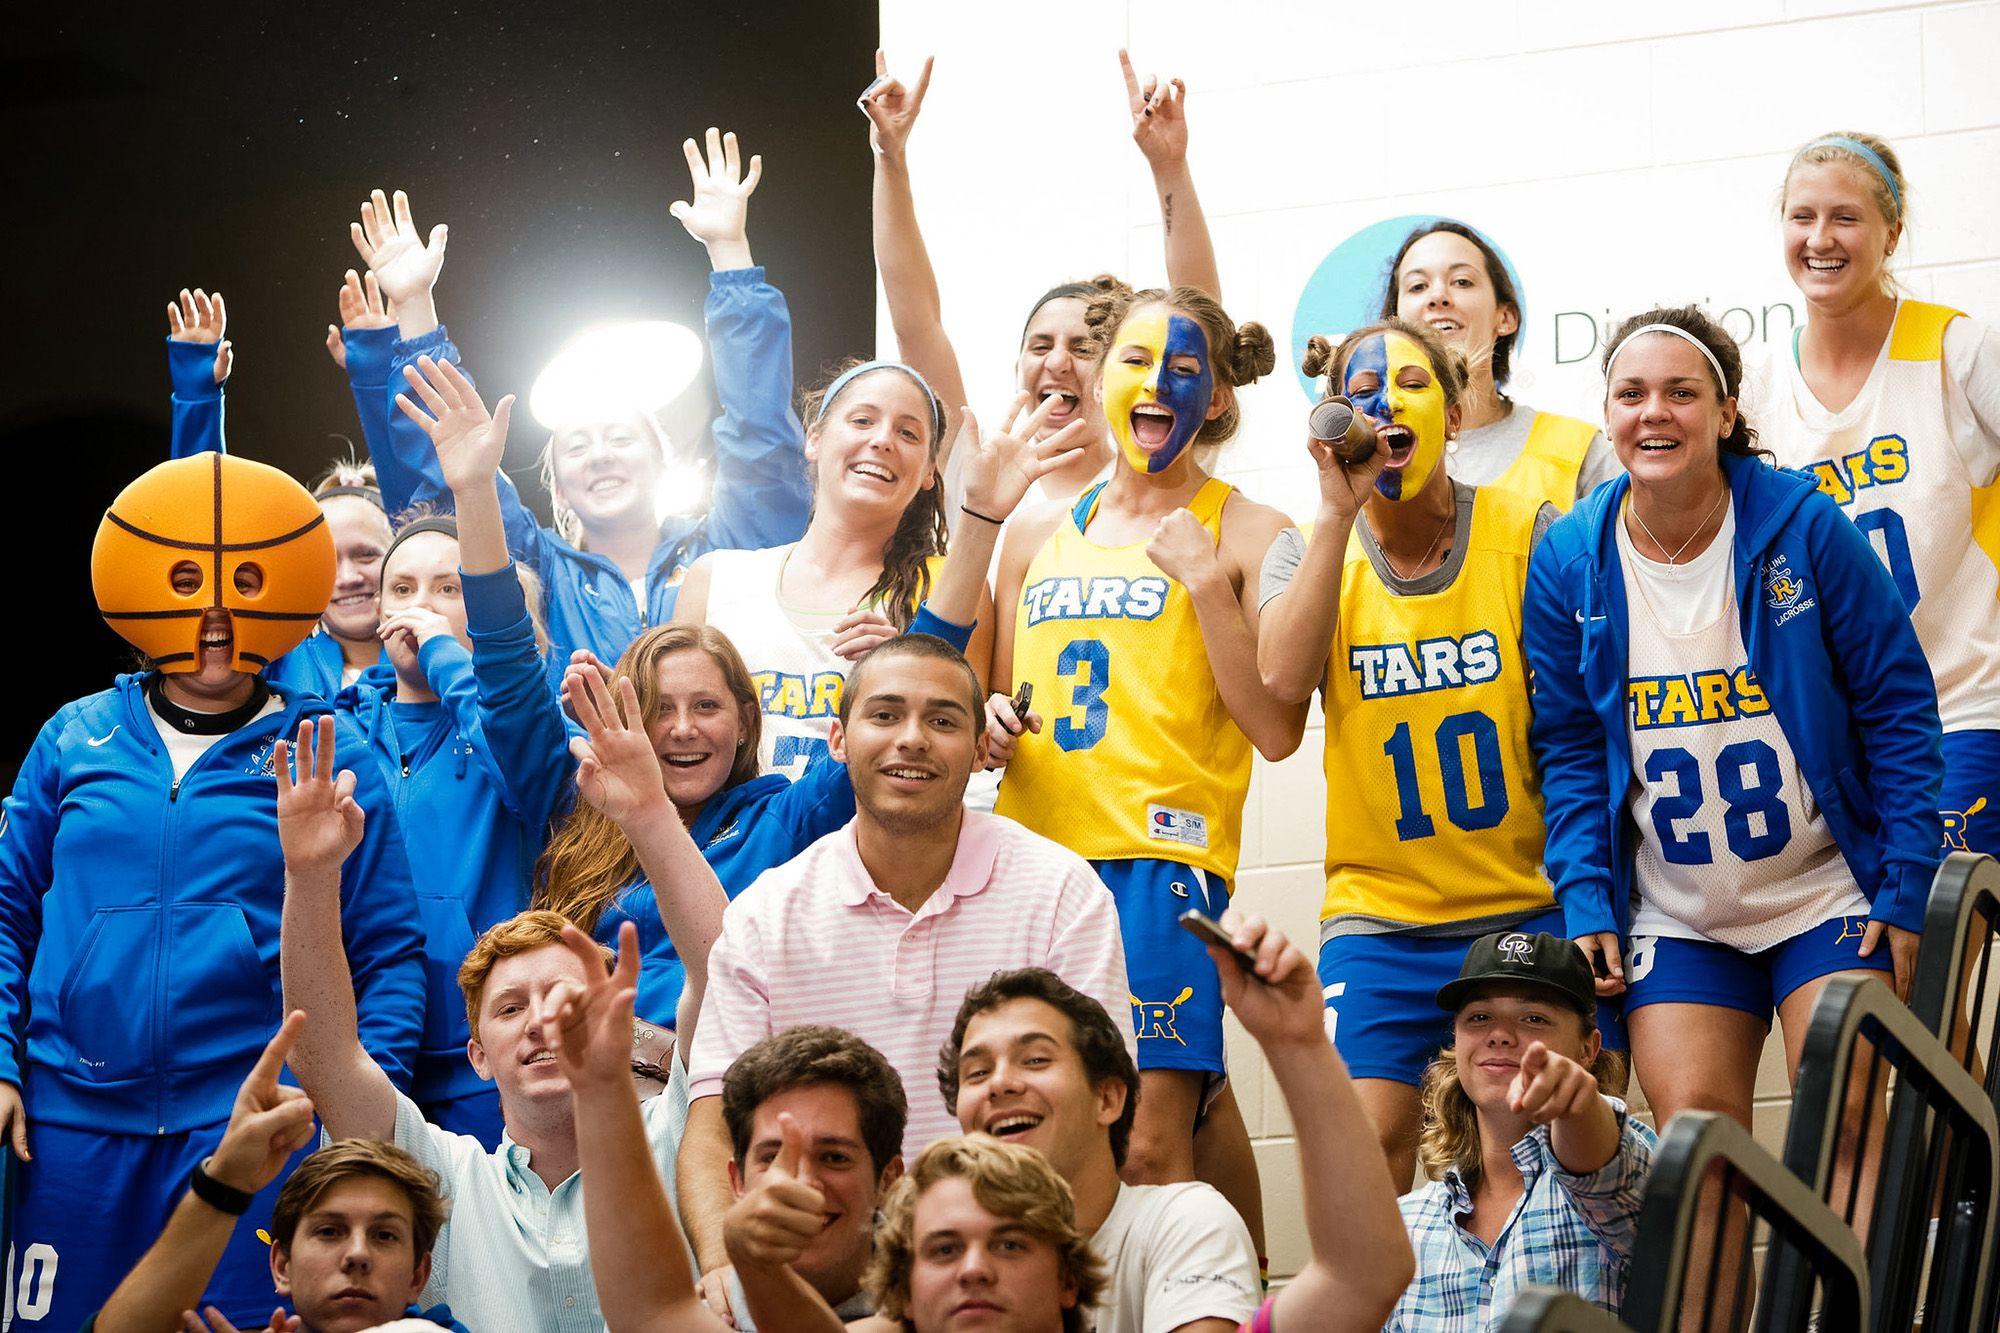 Tars fans cheer on the men's basketball team.